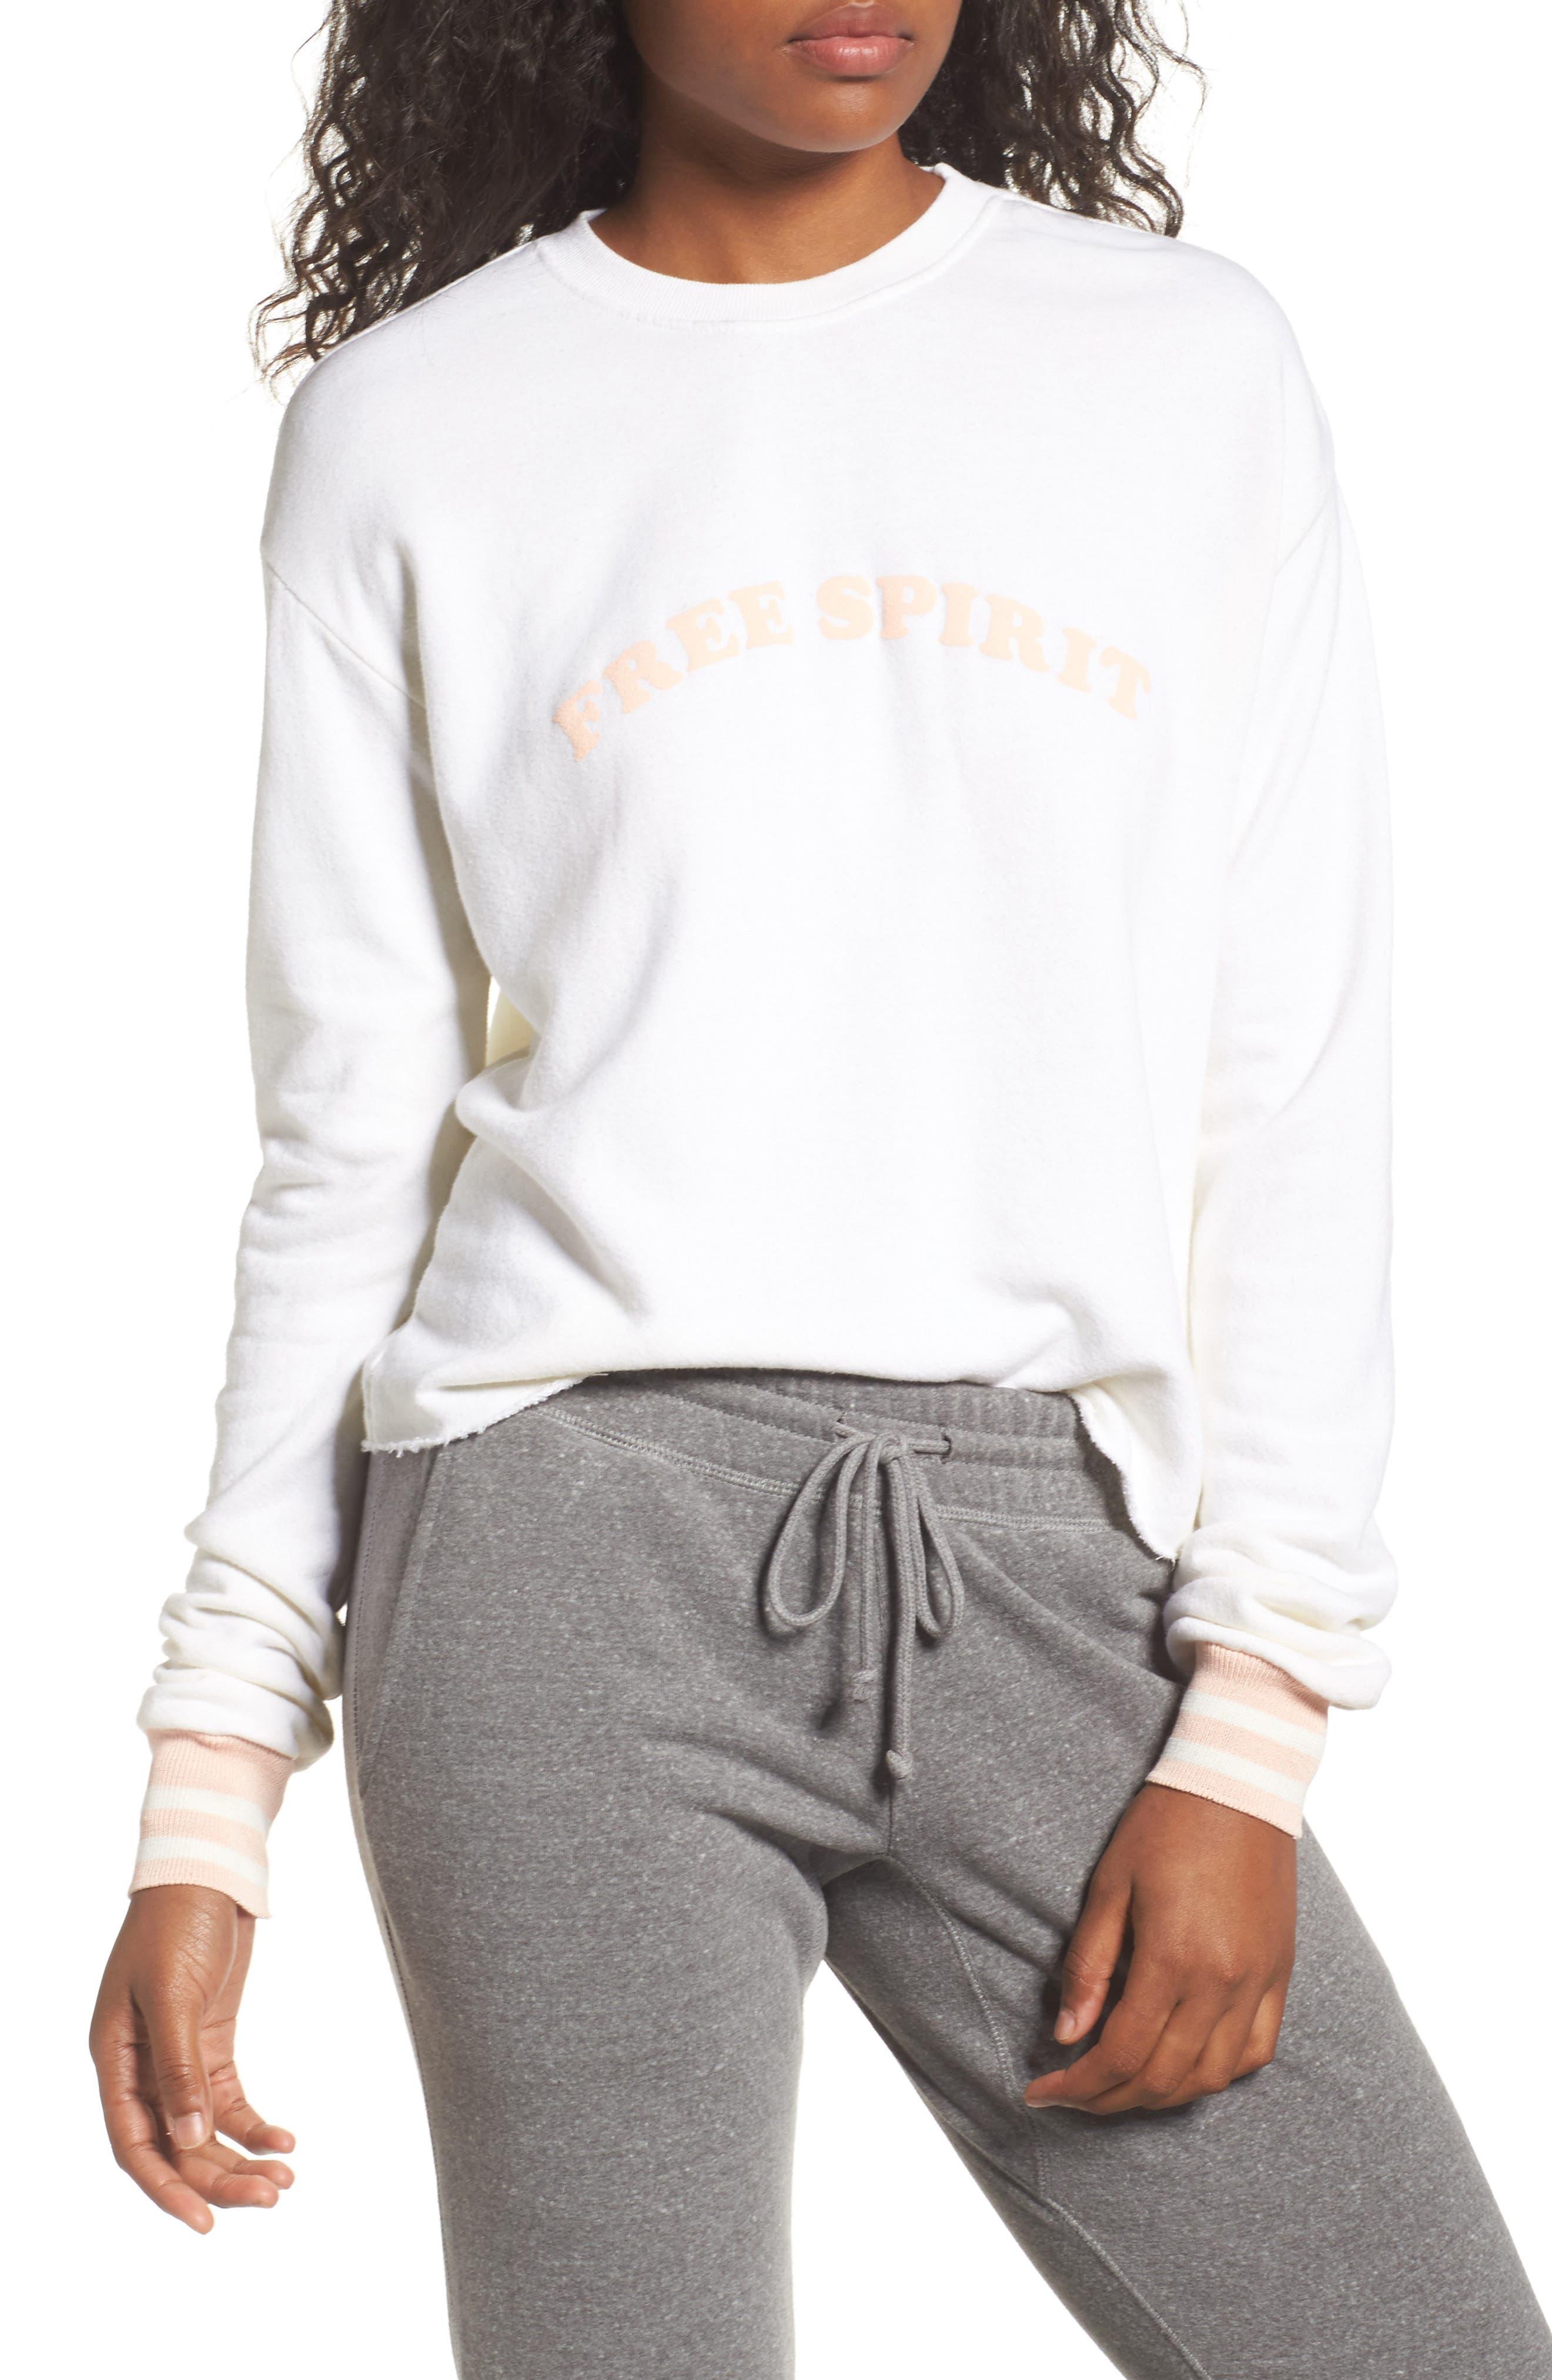 Main Image - Spiritual Gangster Free Spirit Crop Sweatshirt